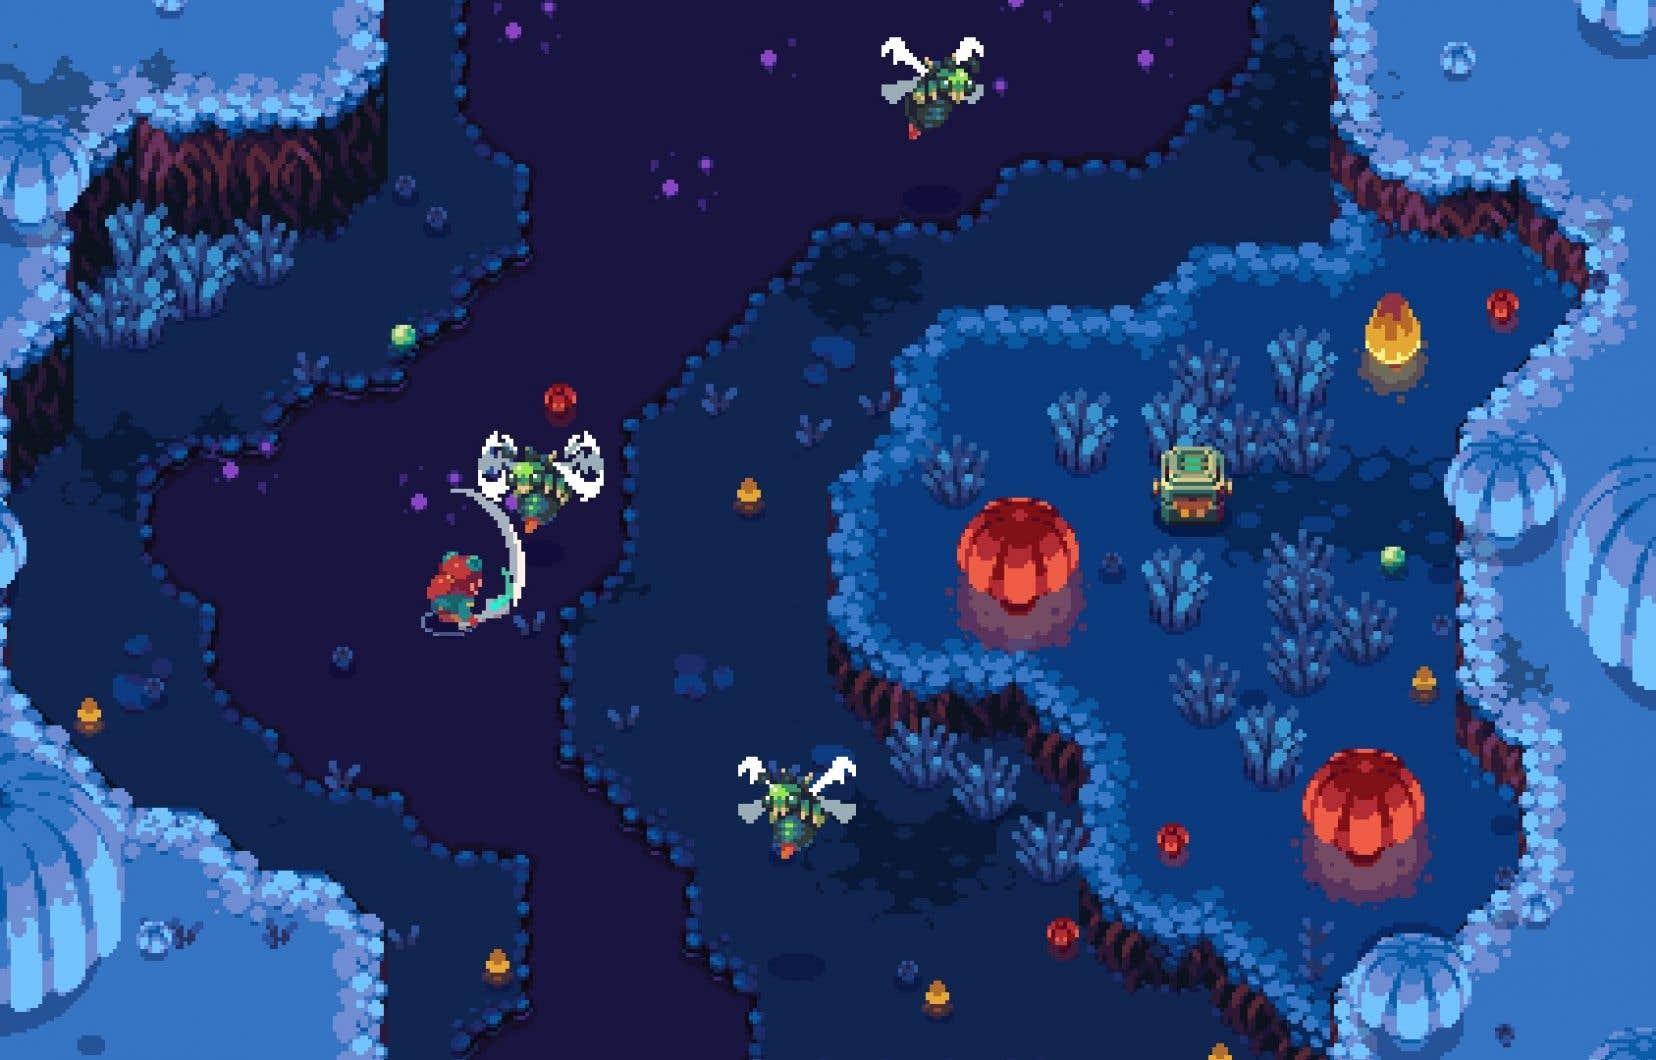 On aime beaucoup l'esthétique rétro du jeu, largement inspirée de la série «Zelda» telle qu'on la connaissait sur les différents Game Boy de Nintendo.